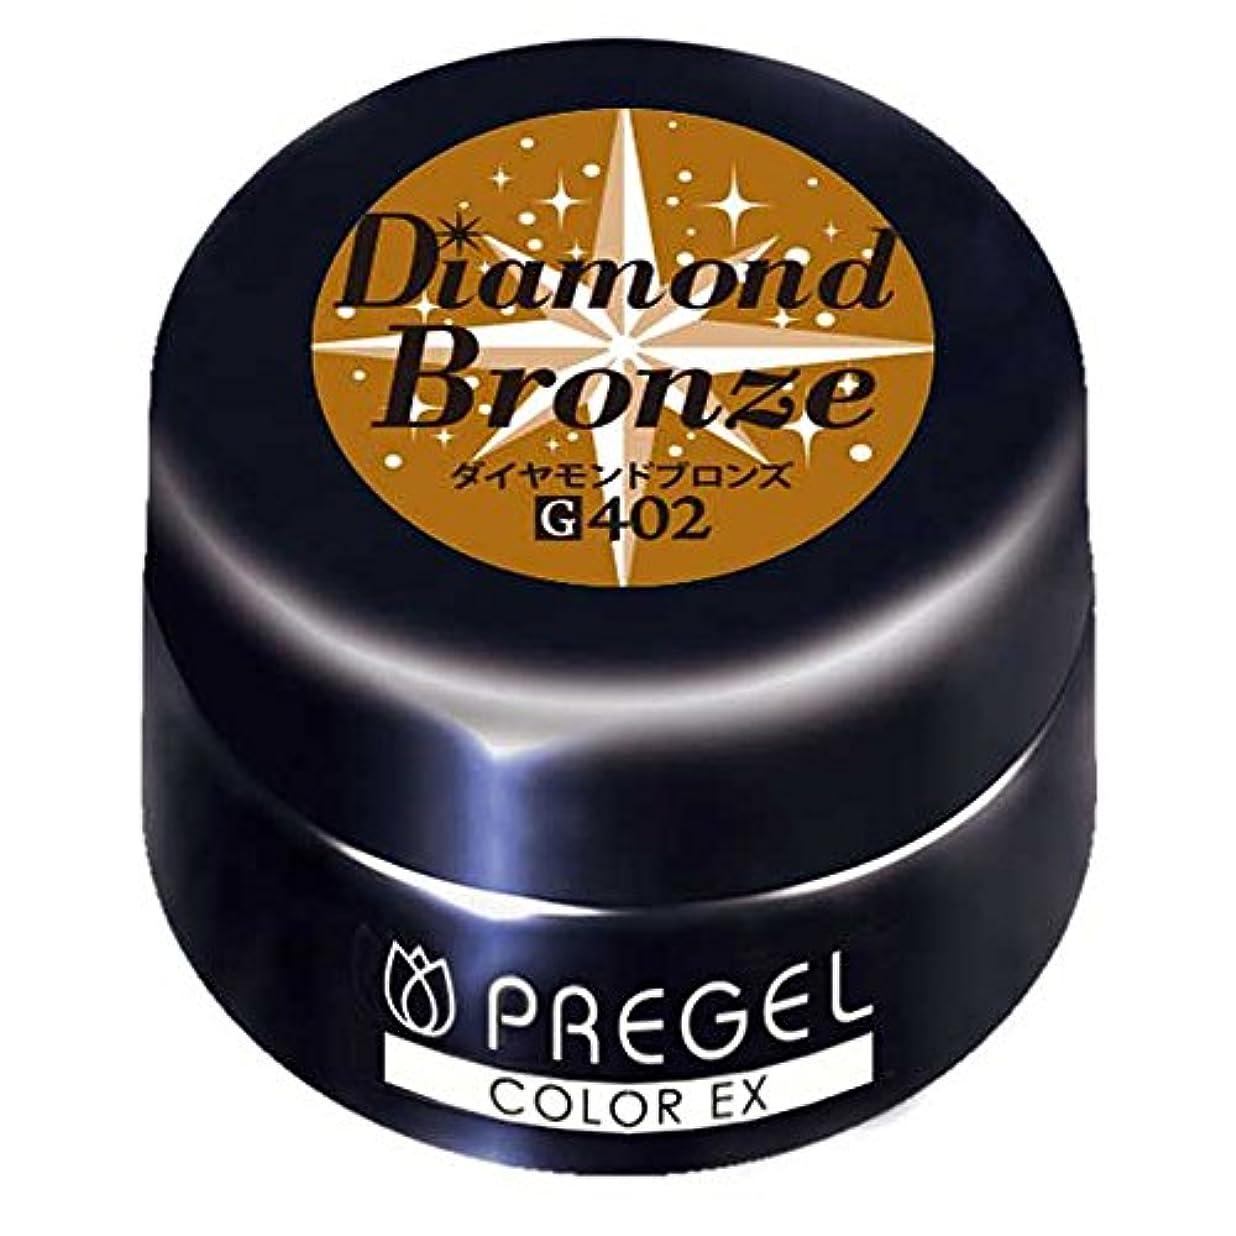 細心のむき出しトレイPRE GEL カラーEX ダイヤモンドブロンズCE402 UV/LED対応 カラージェル